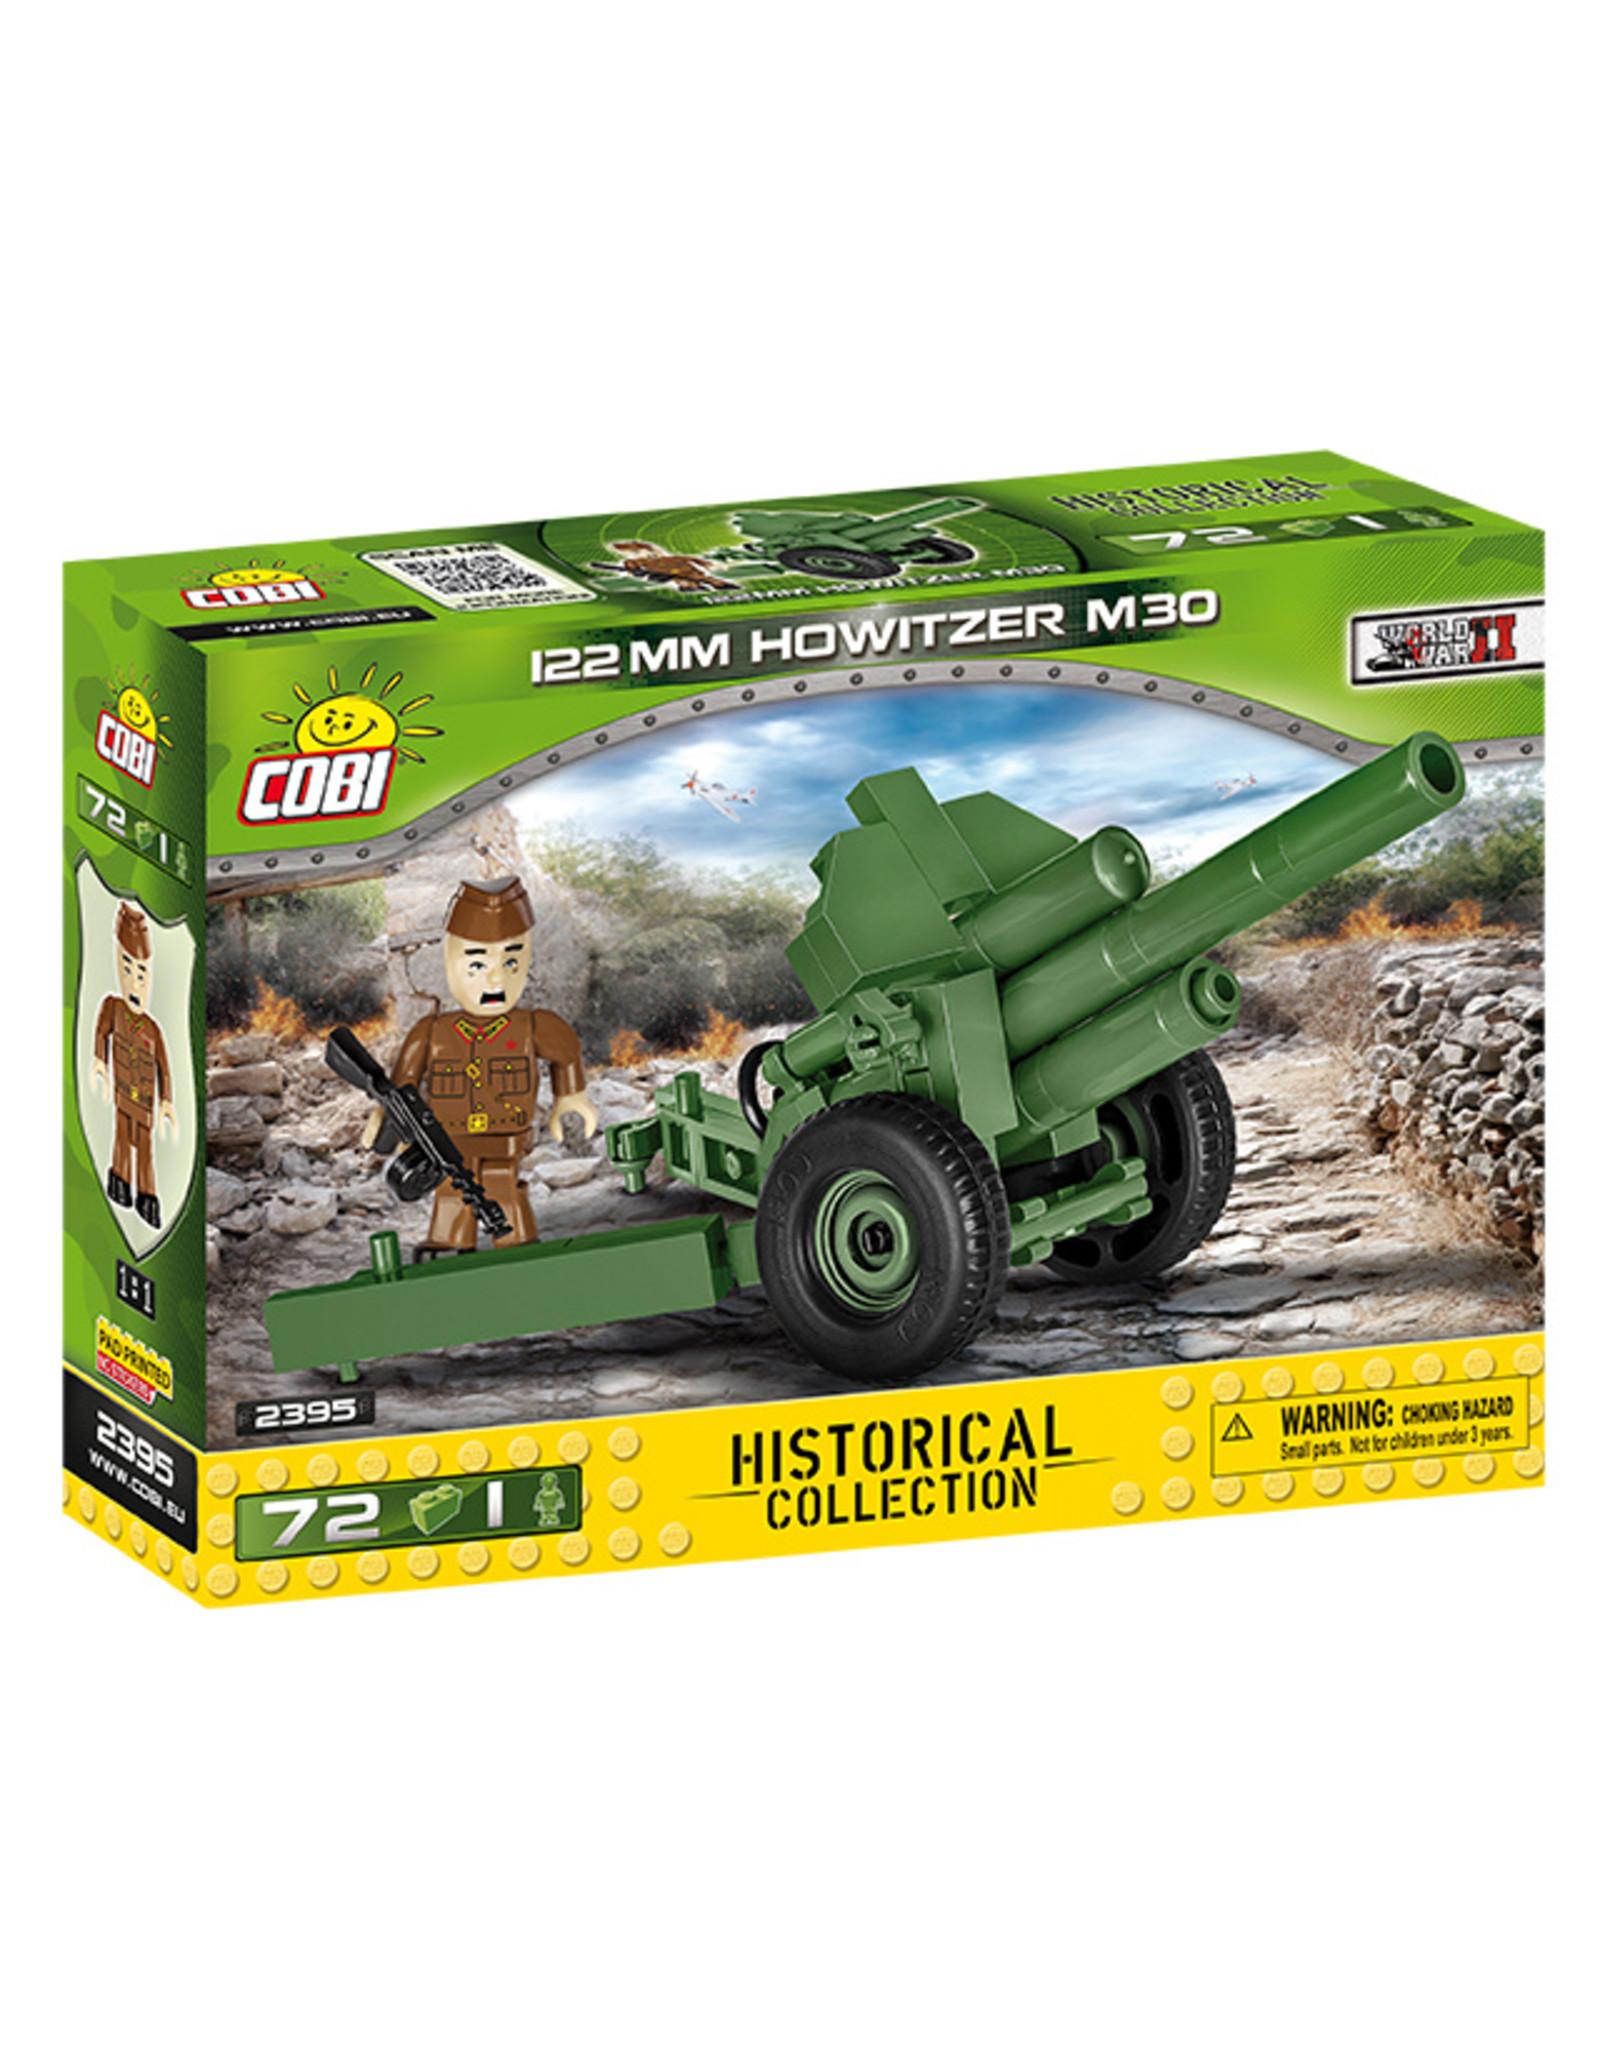 COBI COBI WW2 2395 - 122mm Howitzer M30